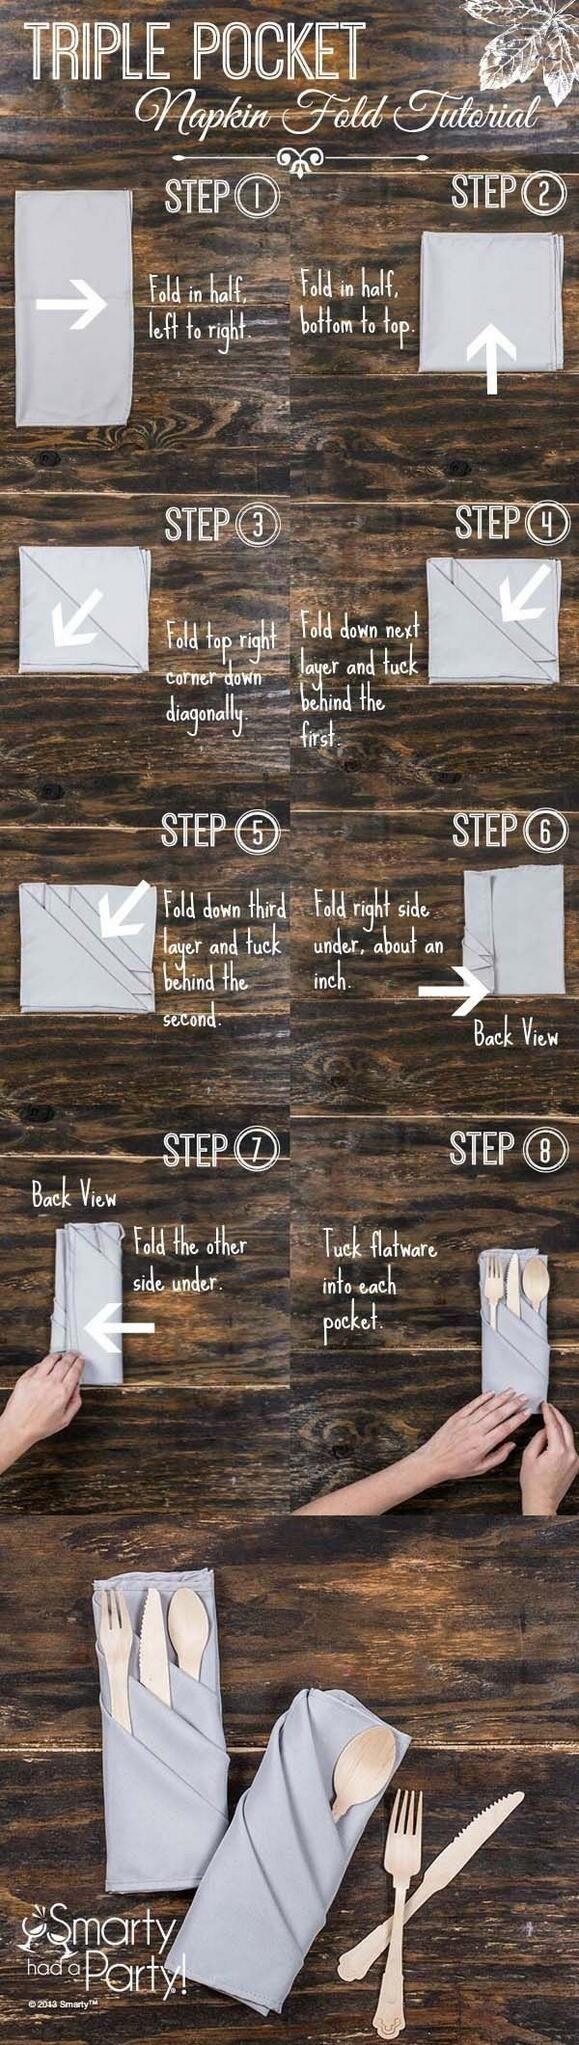 Skládání ubrousku / Triple Pocket Napkin Fold ...